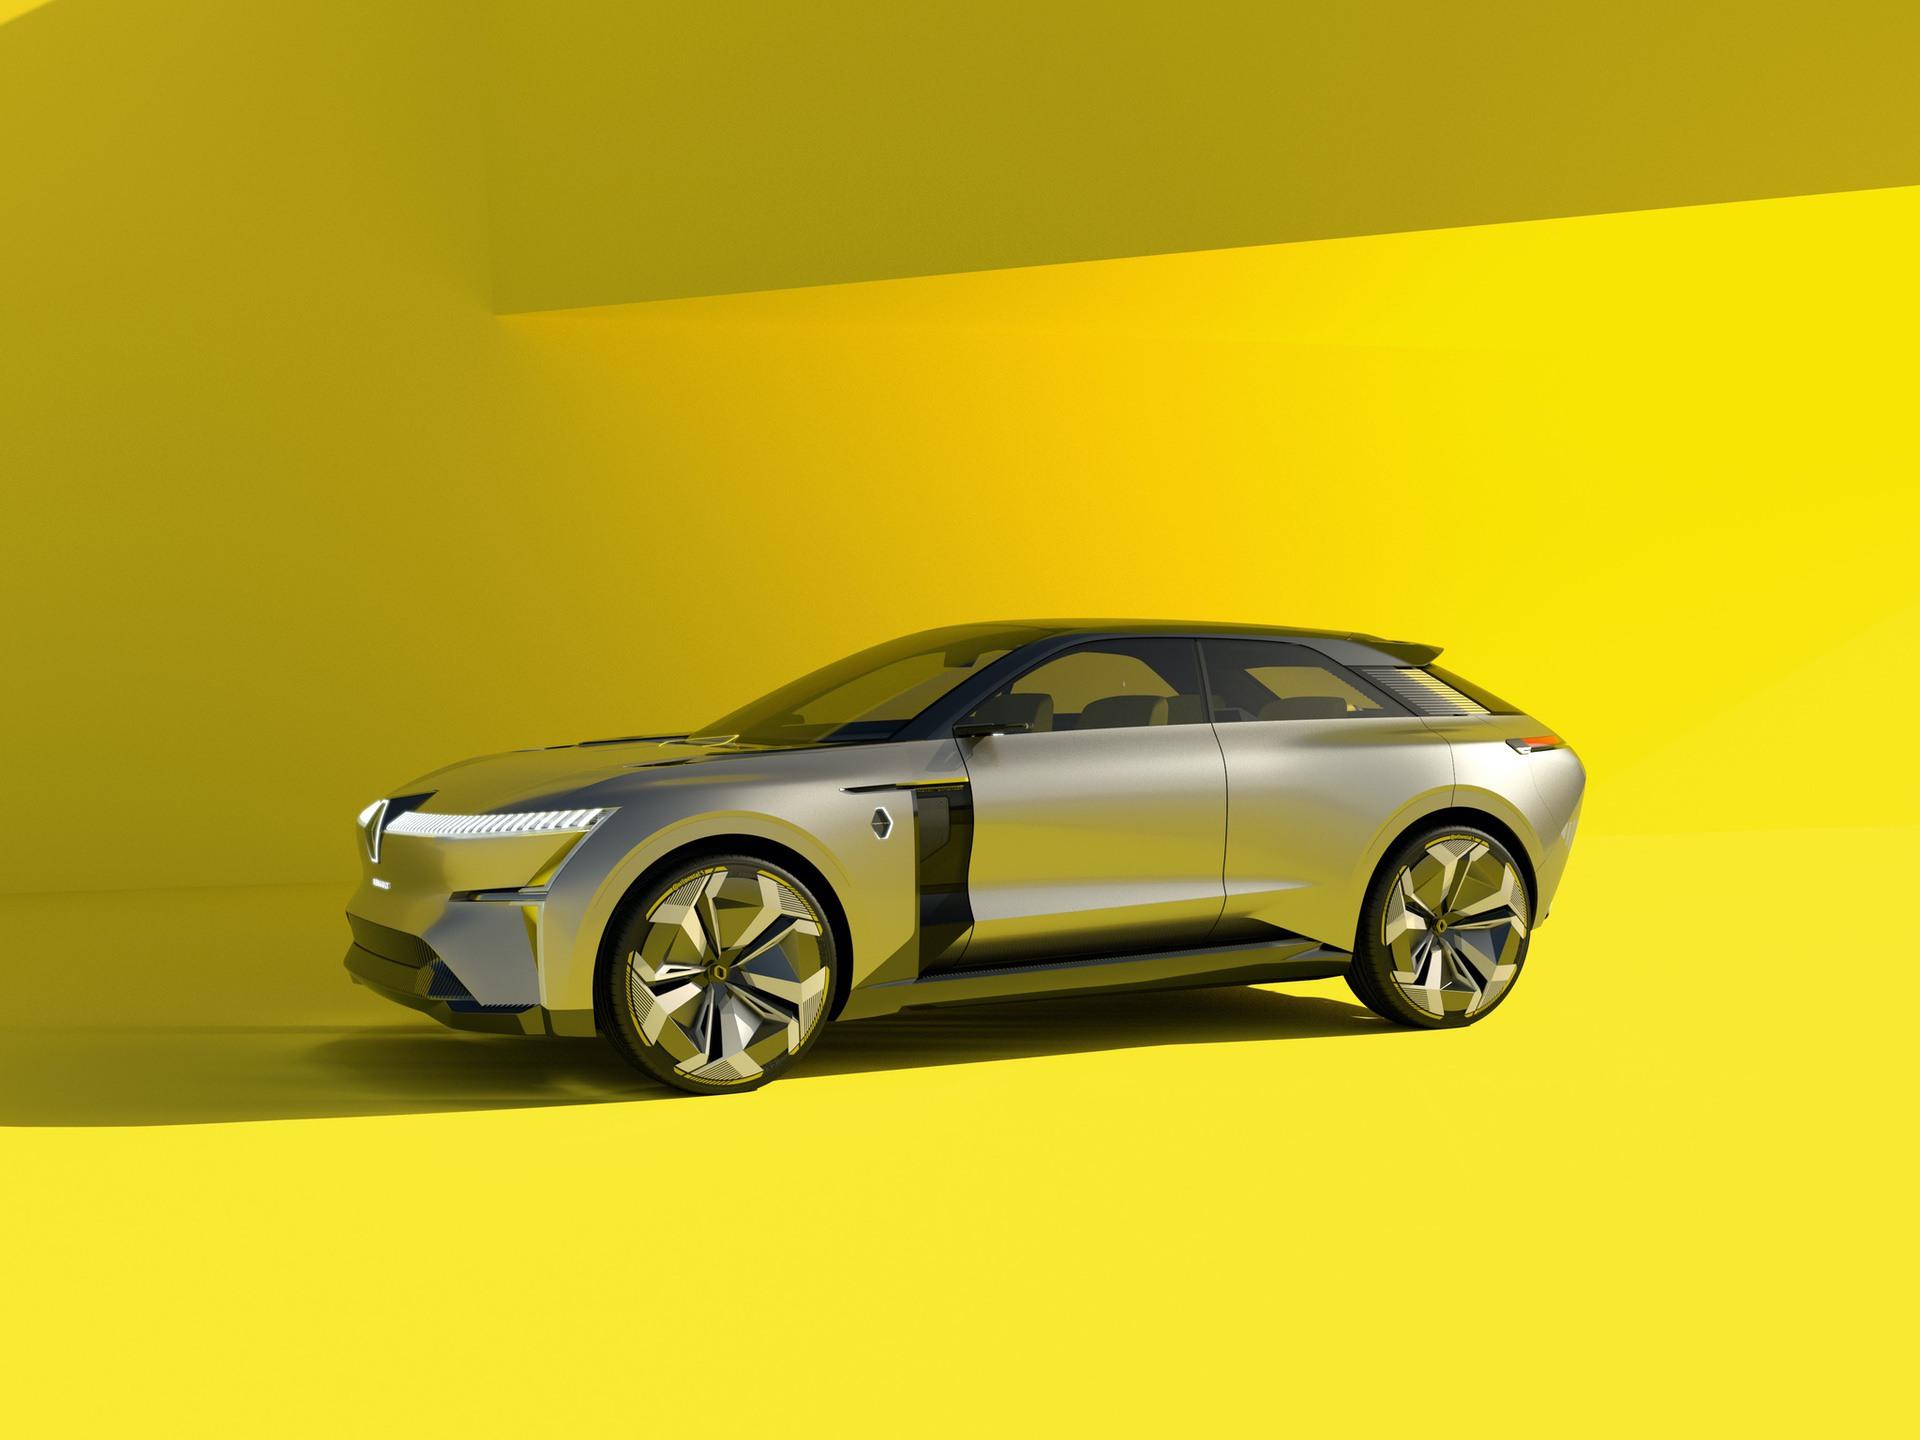 Renault_Morphoz_concept_0021